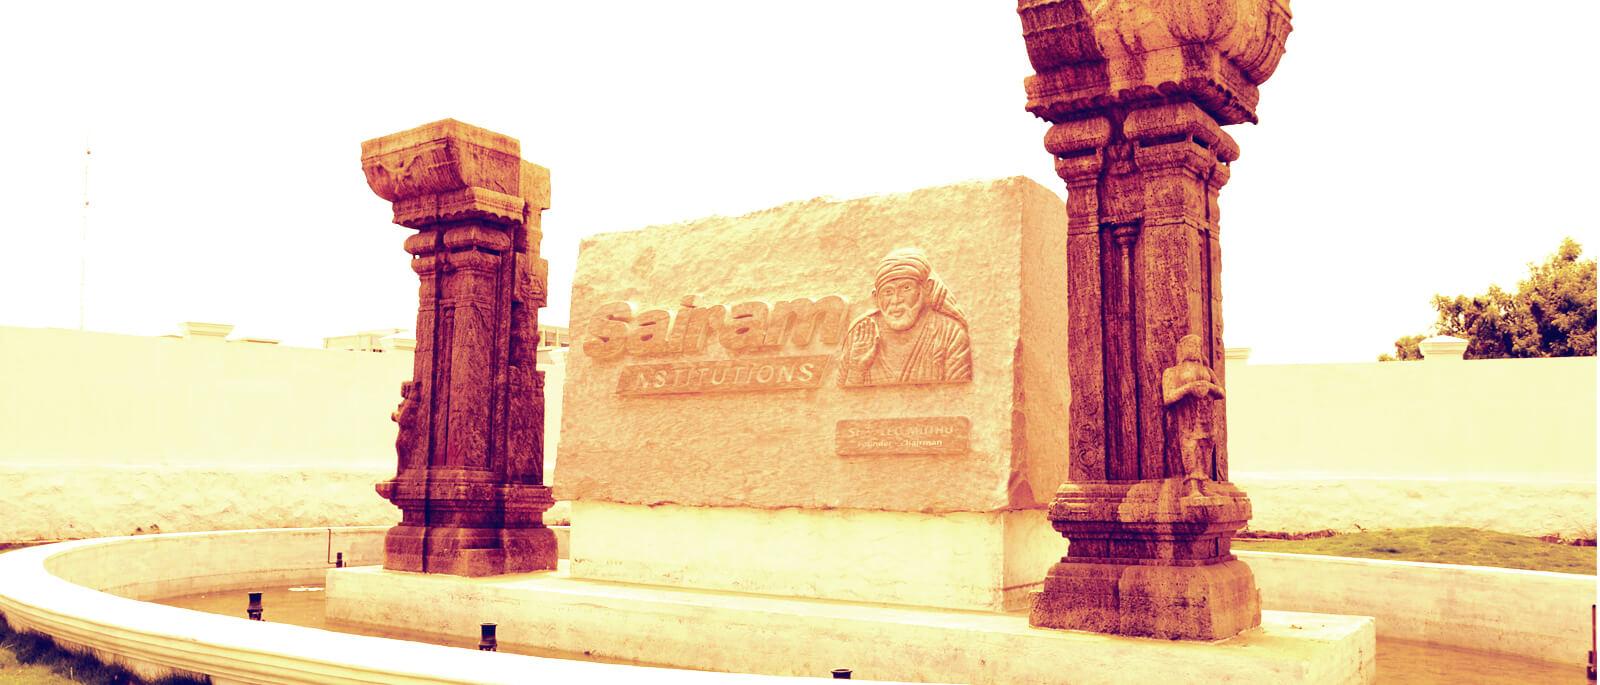 Sairam Institutions